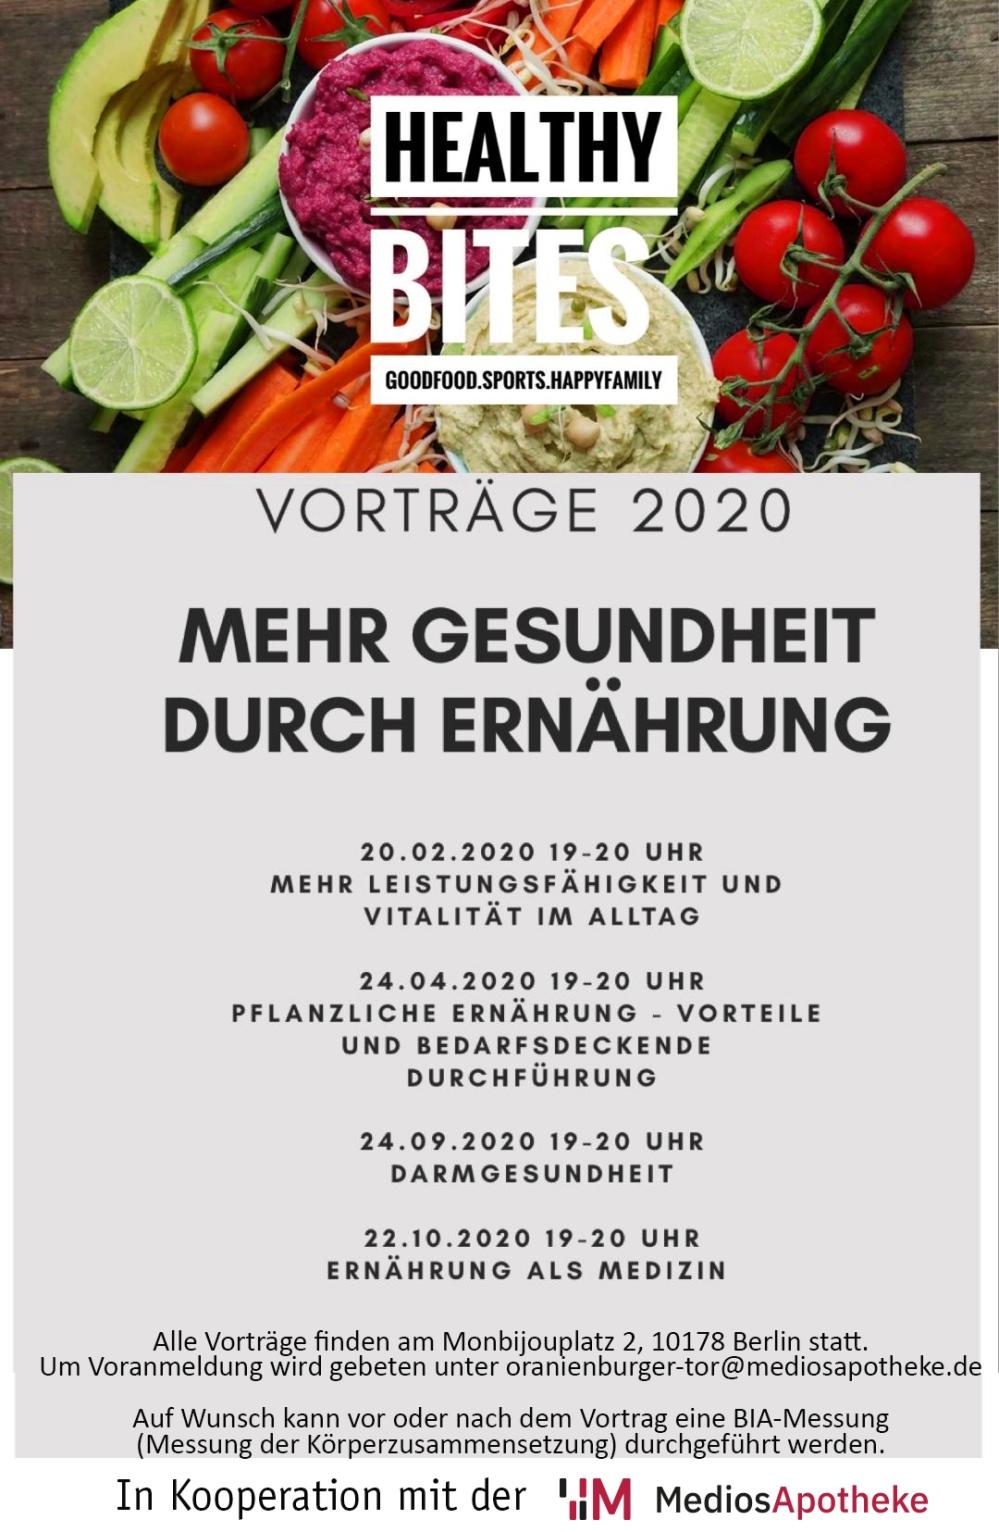 Vorträge2020 Healthy Bites